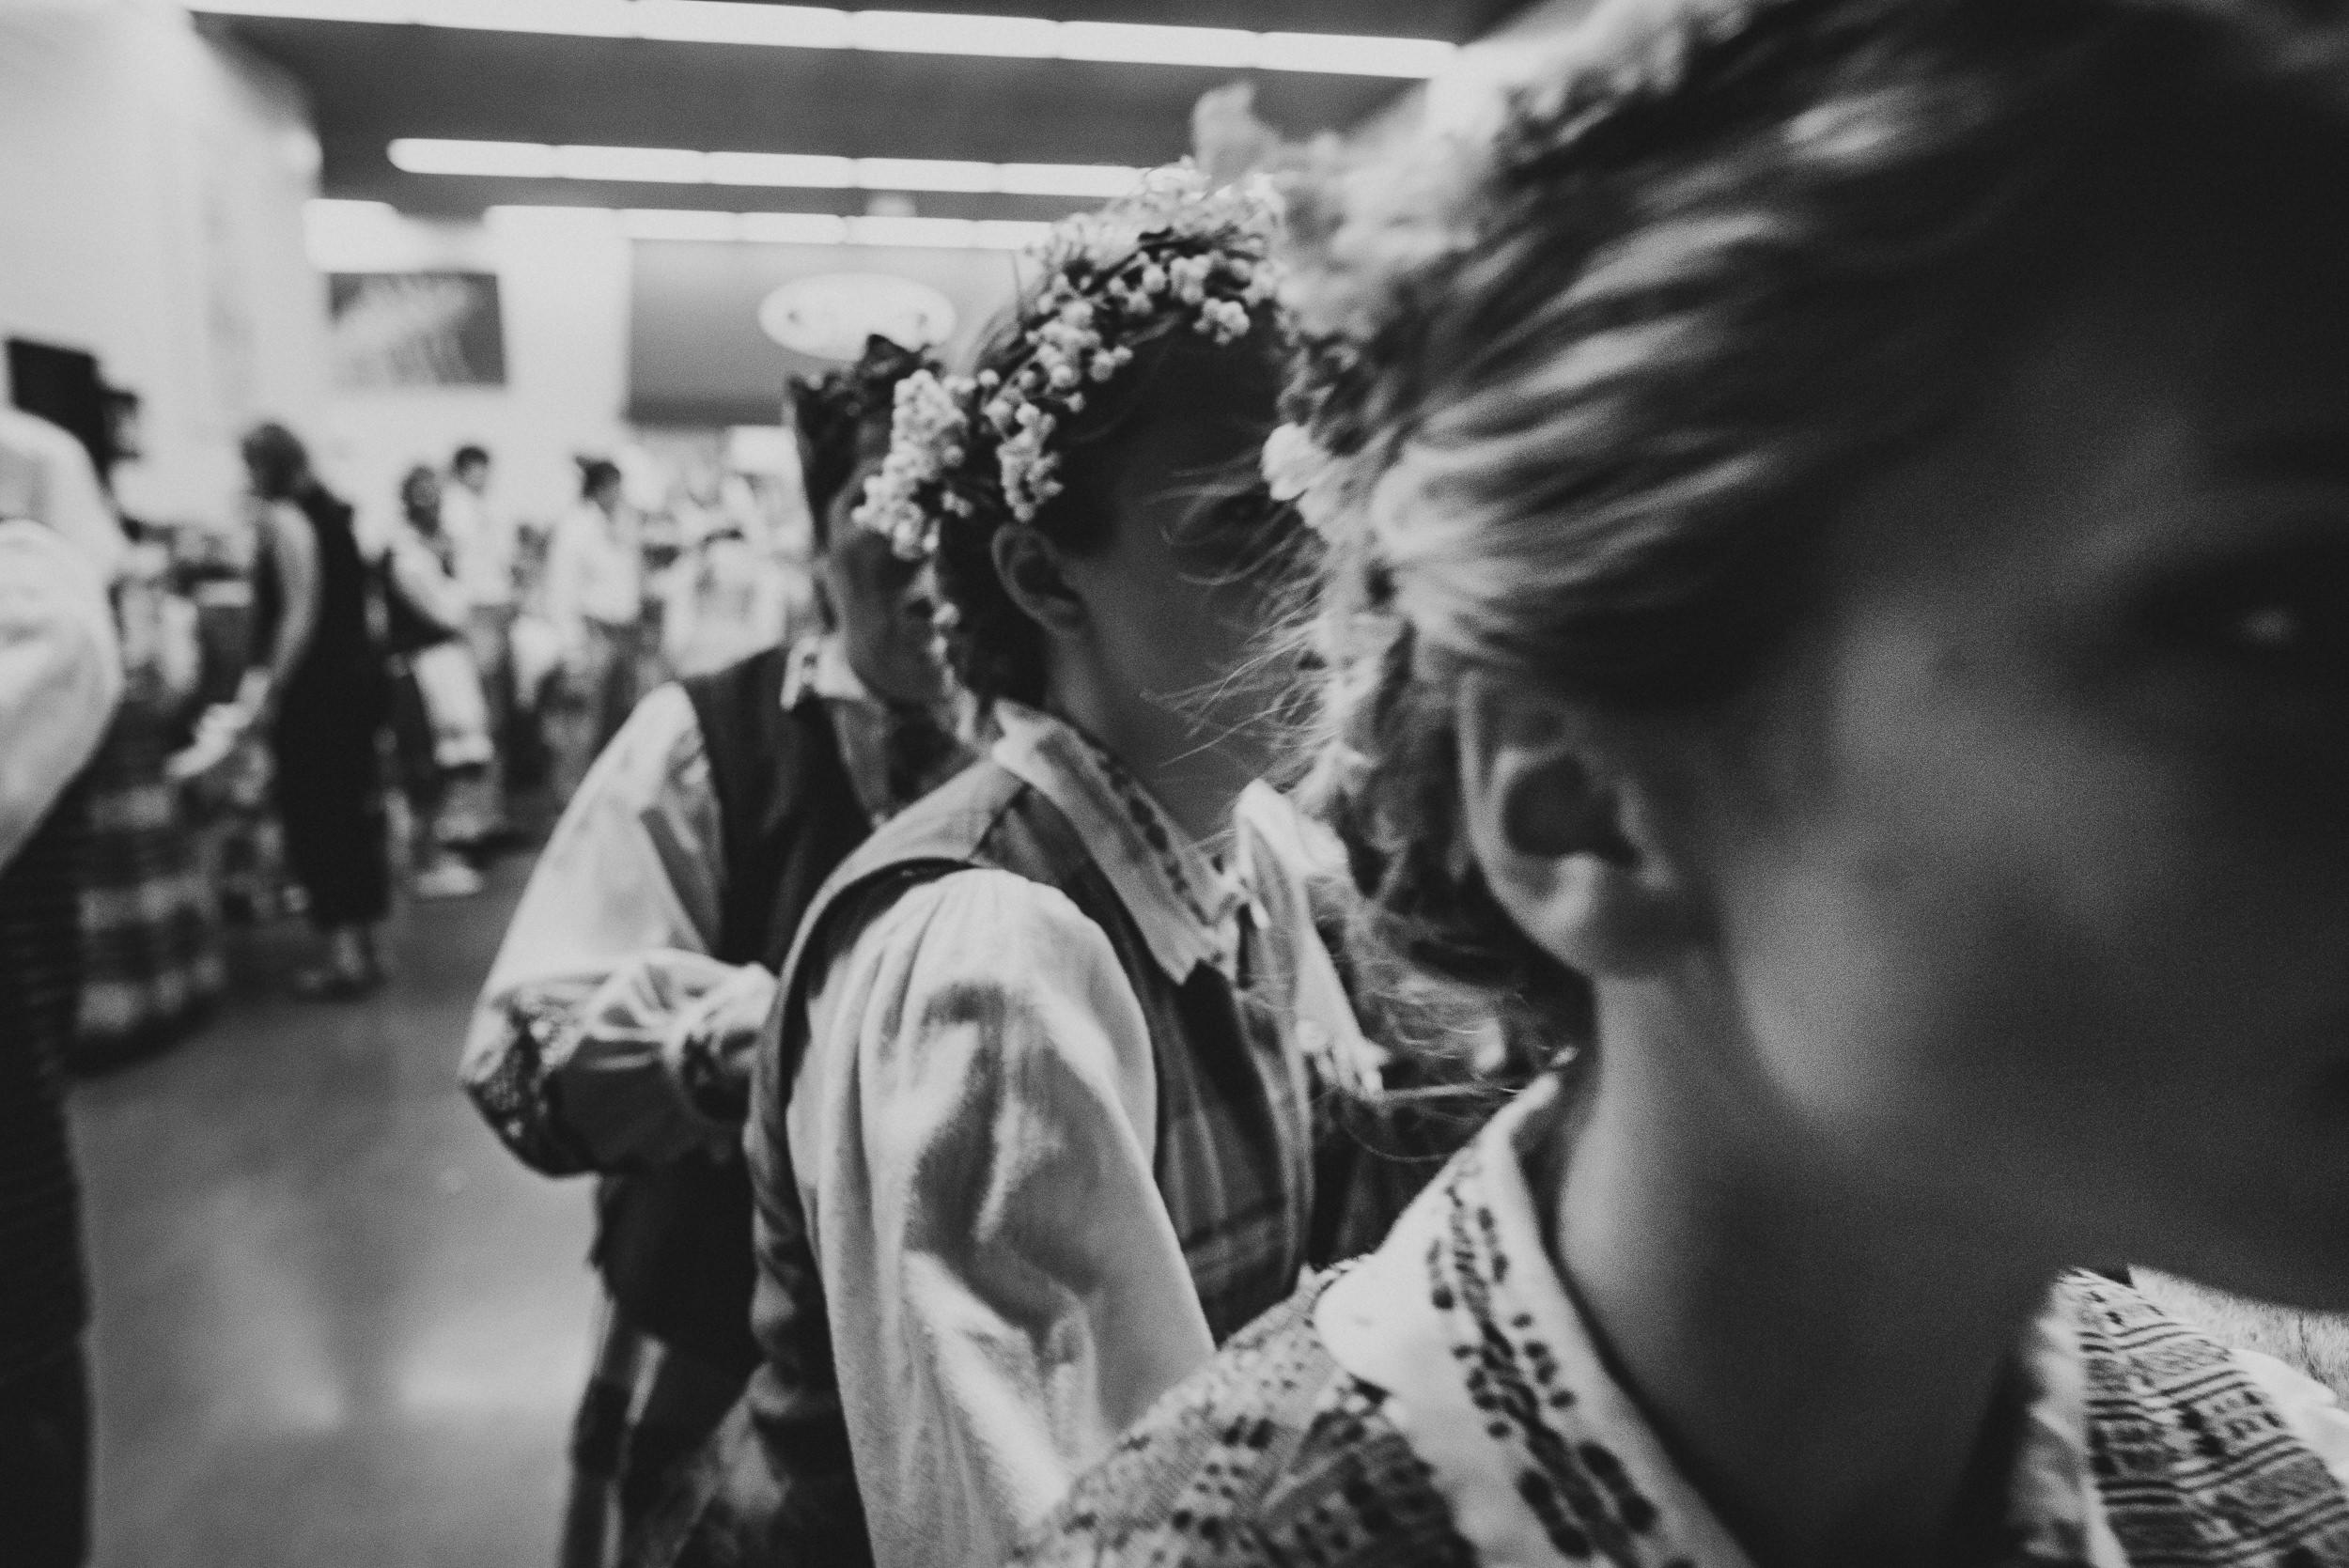 Sokiu Svente 2016 Photographer Mantas Kubilinskas-28.jpg